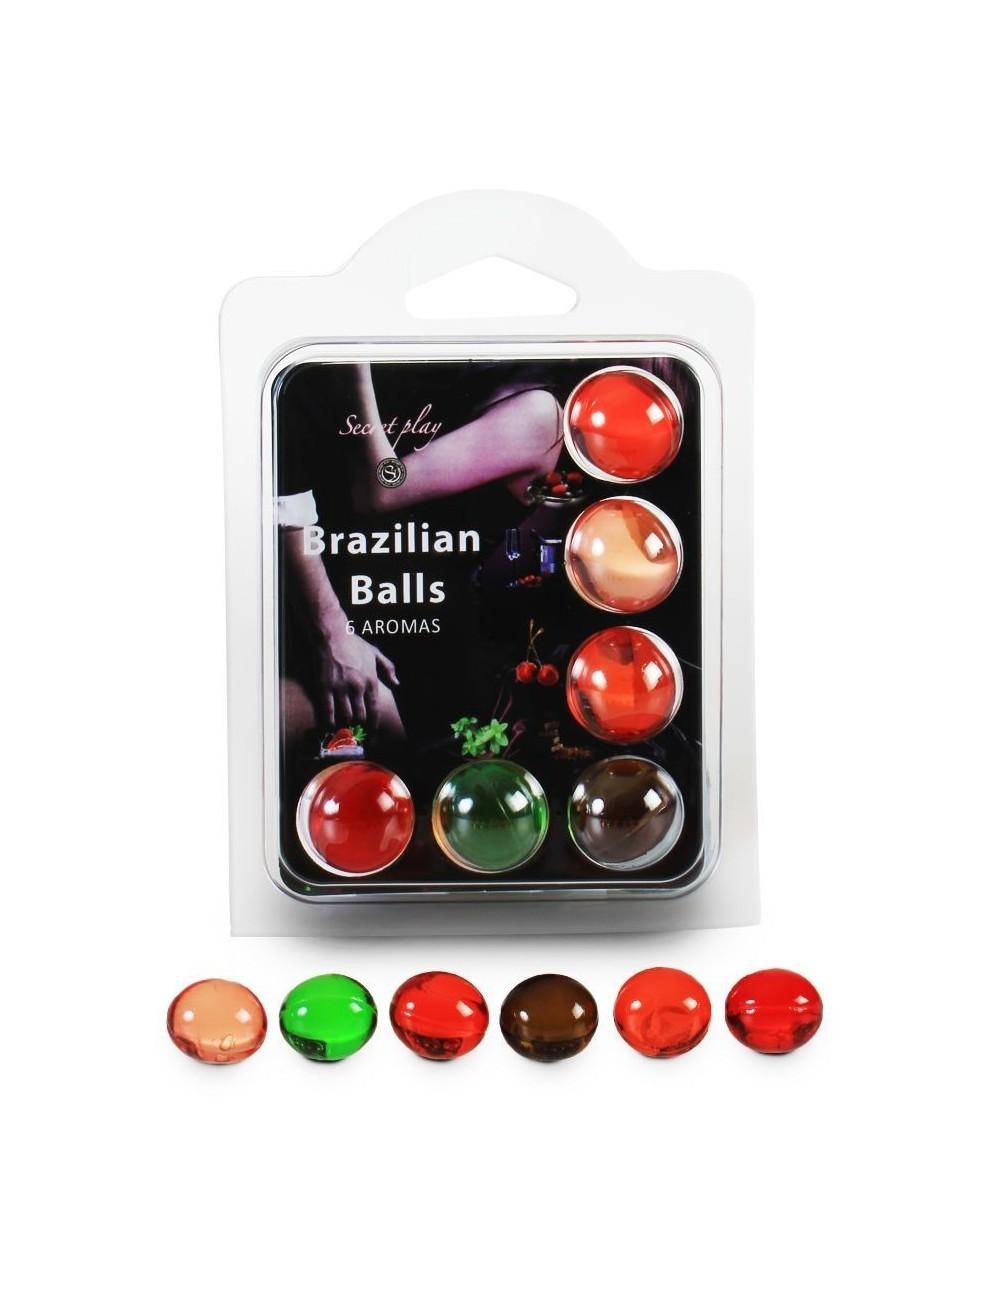 6 Brazilian Balls Boules pour massage aux fruits Aroma 3386 - BZ-03269 - Huiles de massage -